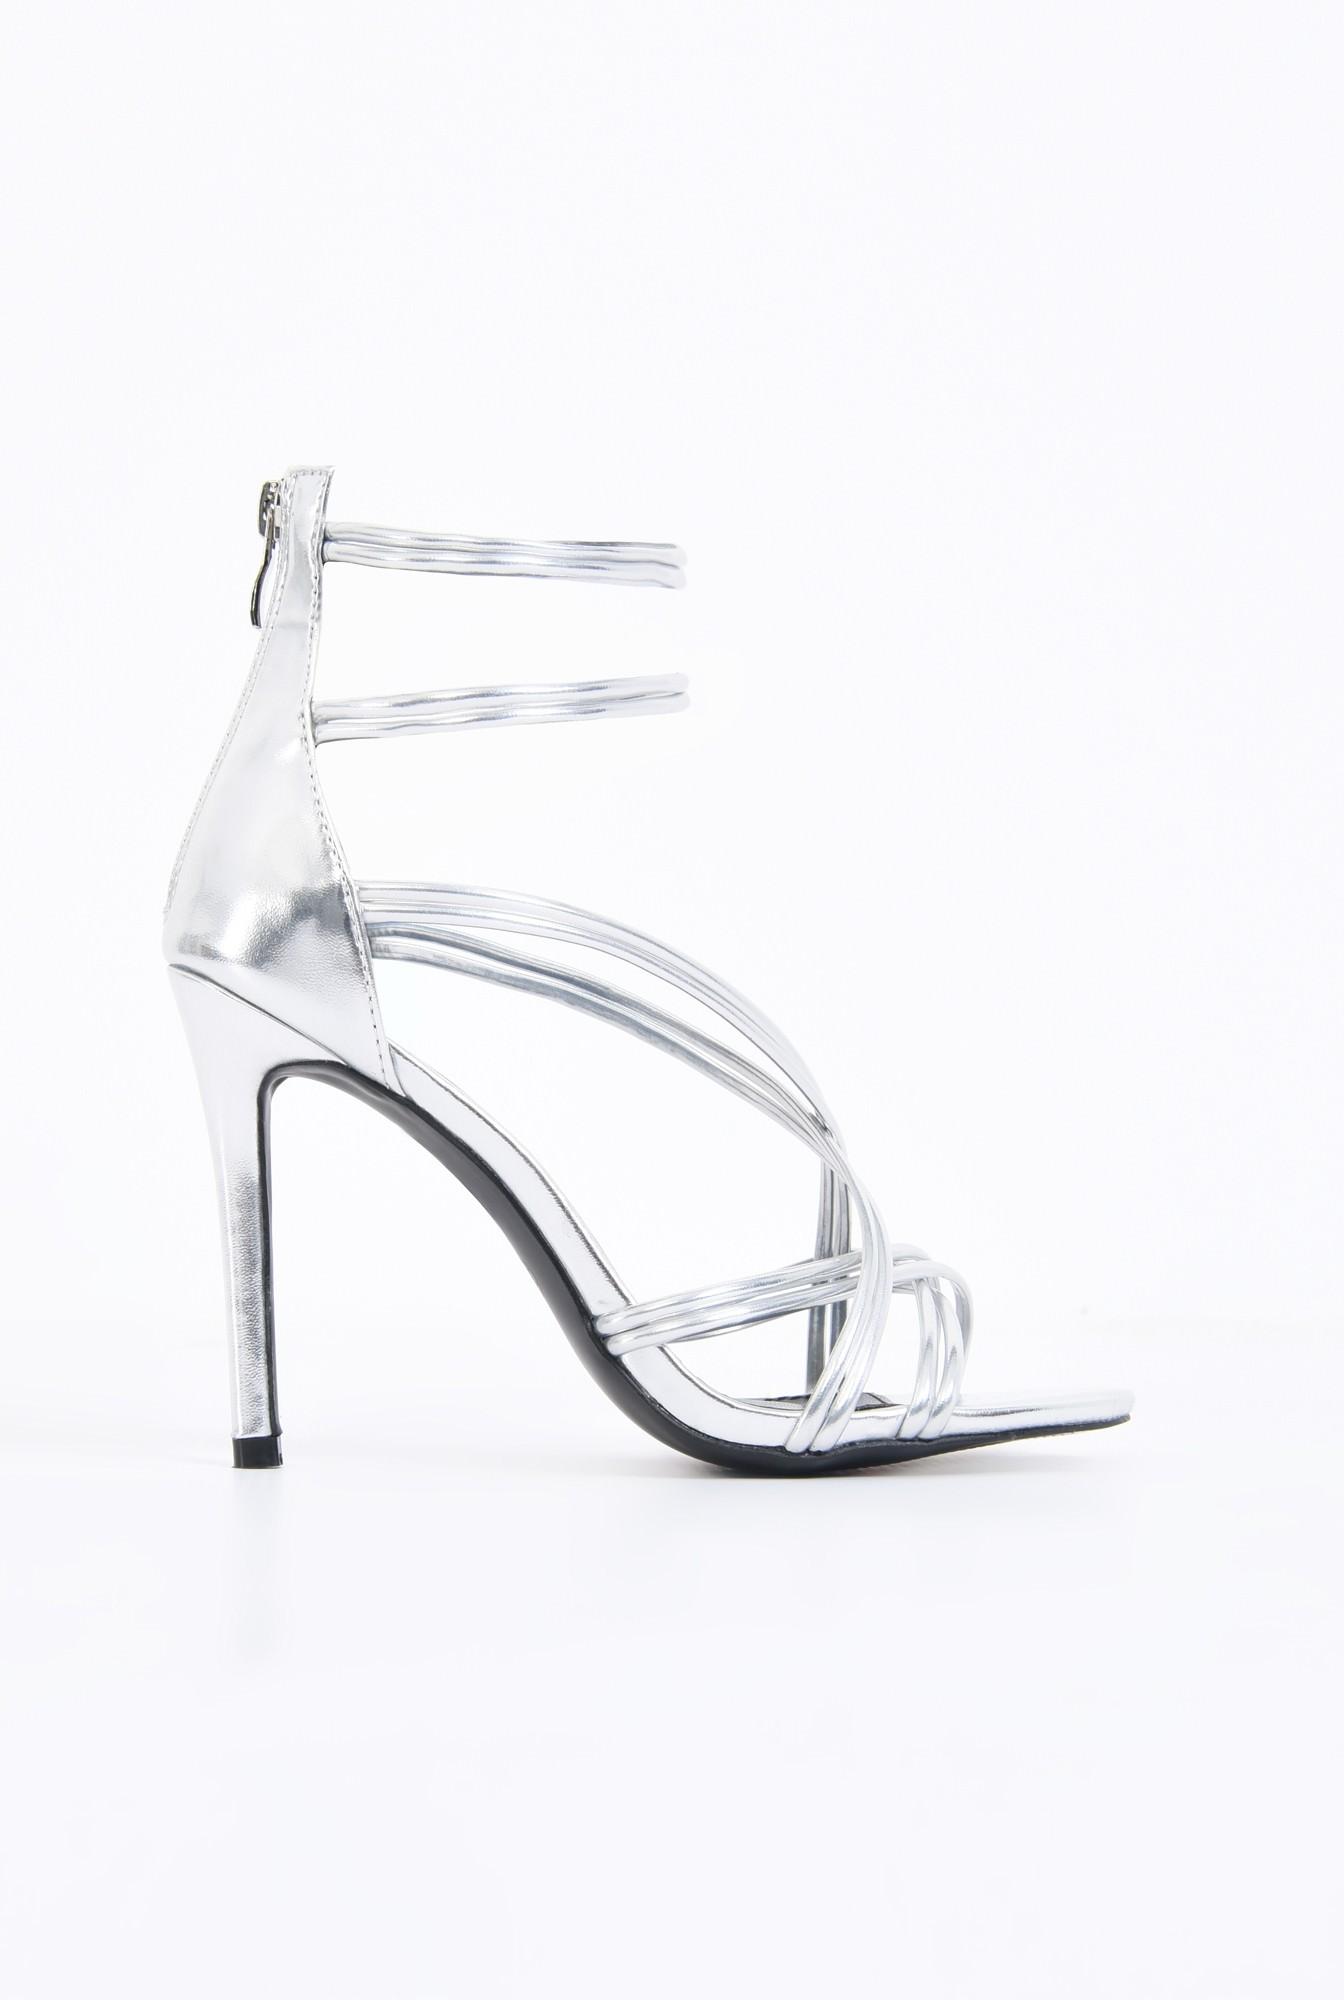 0 - sandale elegante, argintii, stiletto